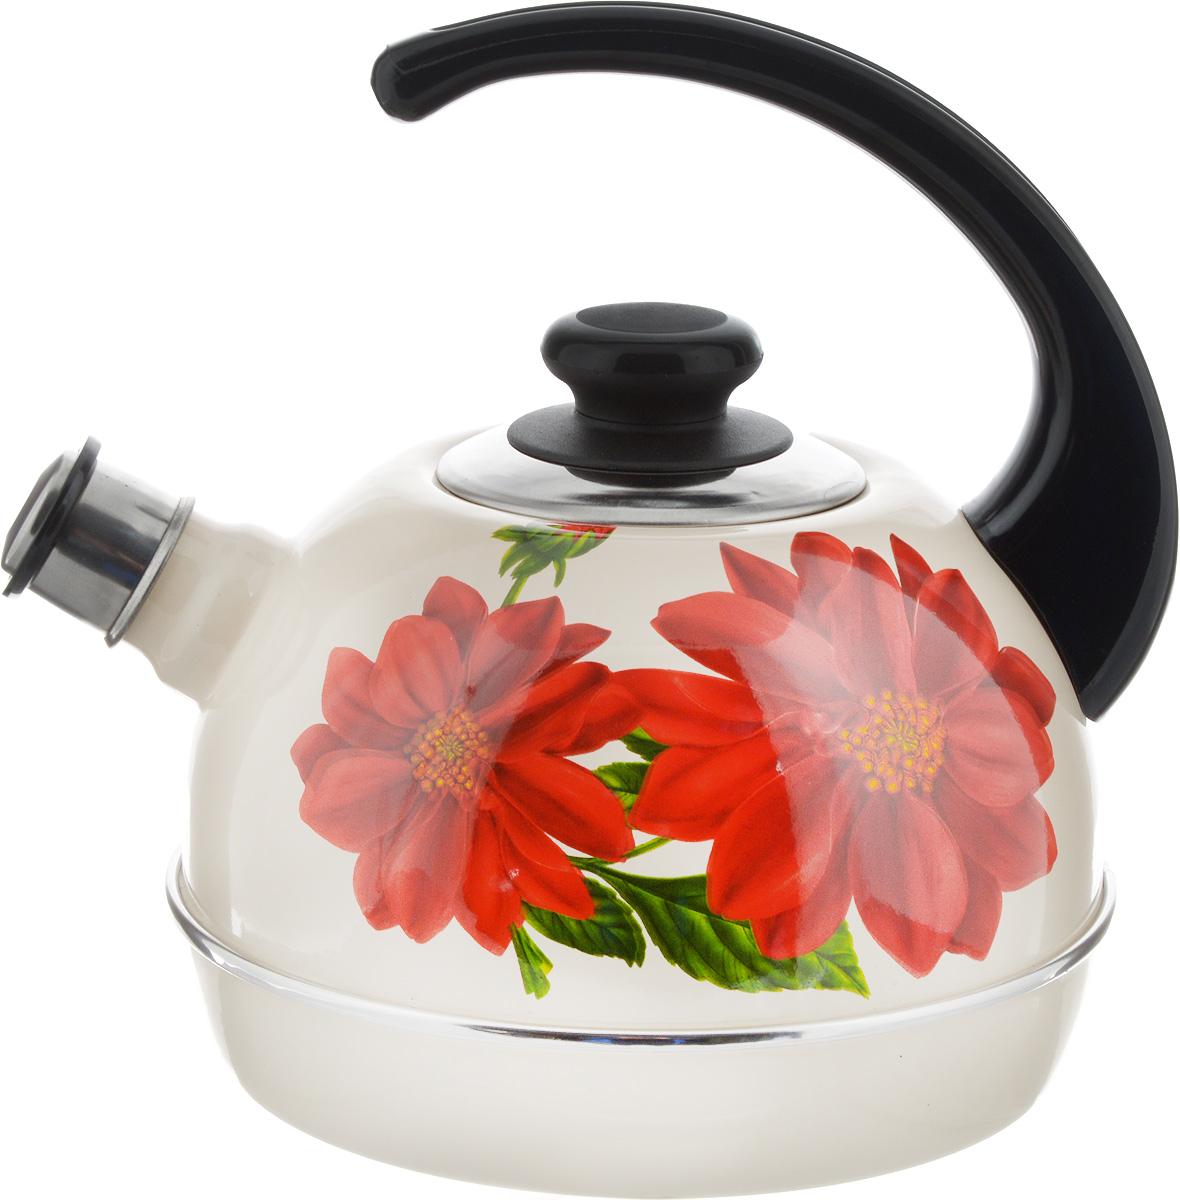 Чайник Рубин, со свистком, цвет: бежевый, красный, зеленый, 3,5 лT04/35/04/09Чайник Рубин выполнен из высококачественной стали, что обеспечивает долговечность использования. Внешнее цветное эмалевое покрытие придает приятный внешний вид. Пластиковая фиксированная ручка делает использование чайника очень удобным и безопасным. Чайник снабжен съемным свистком.Можно мыть в посудомоечной машине. Пригоден для всех видов плит, включая индукционные.Высота чайника (без учета крышки и ручки): 14 см.Диаметр основания: 19 см.